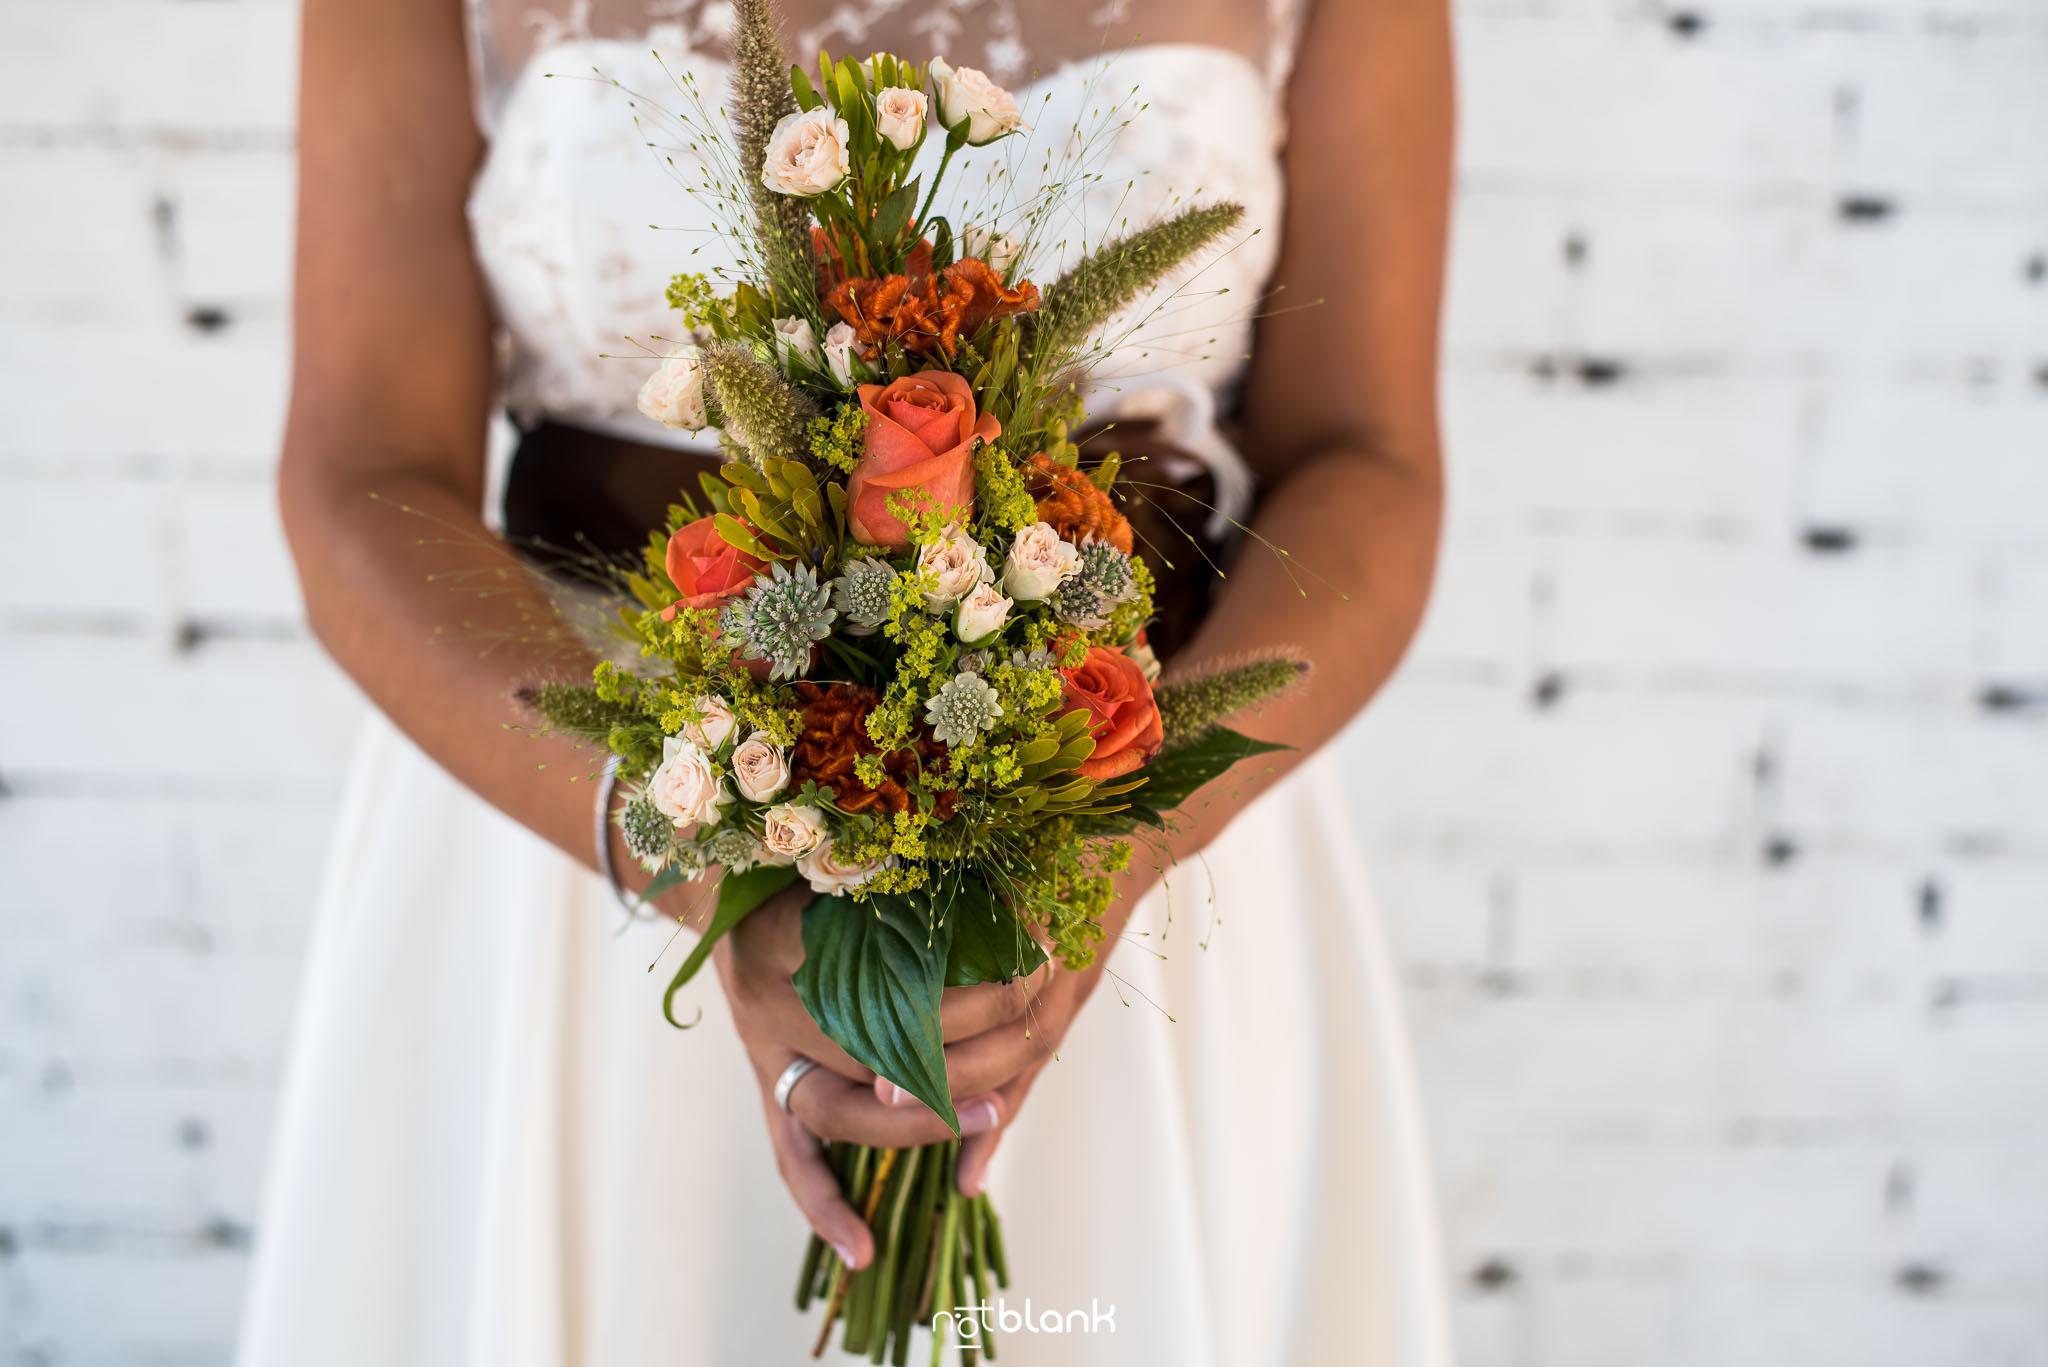 Boda-Mondariz-Balneario-Novia-Detalles-Flores-Fotógrafo de boda-Pared-Ladrillo-blanco-Ramo